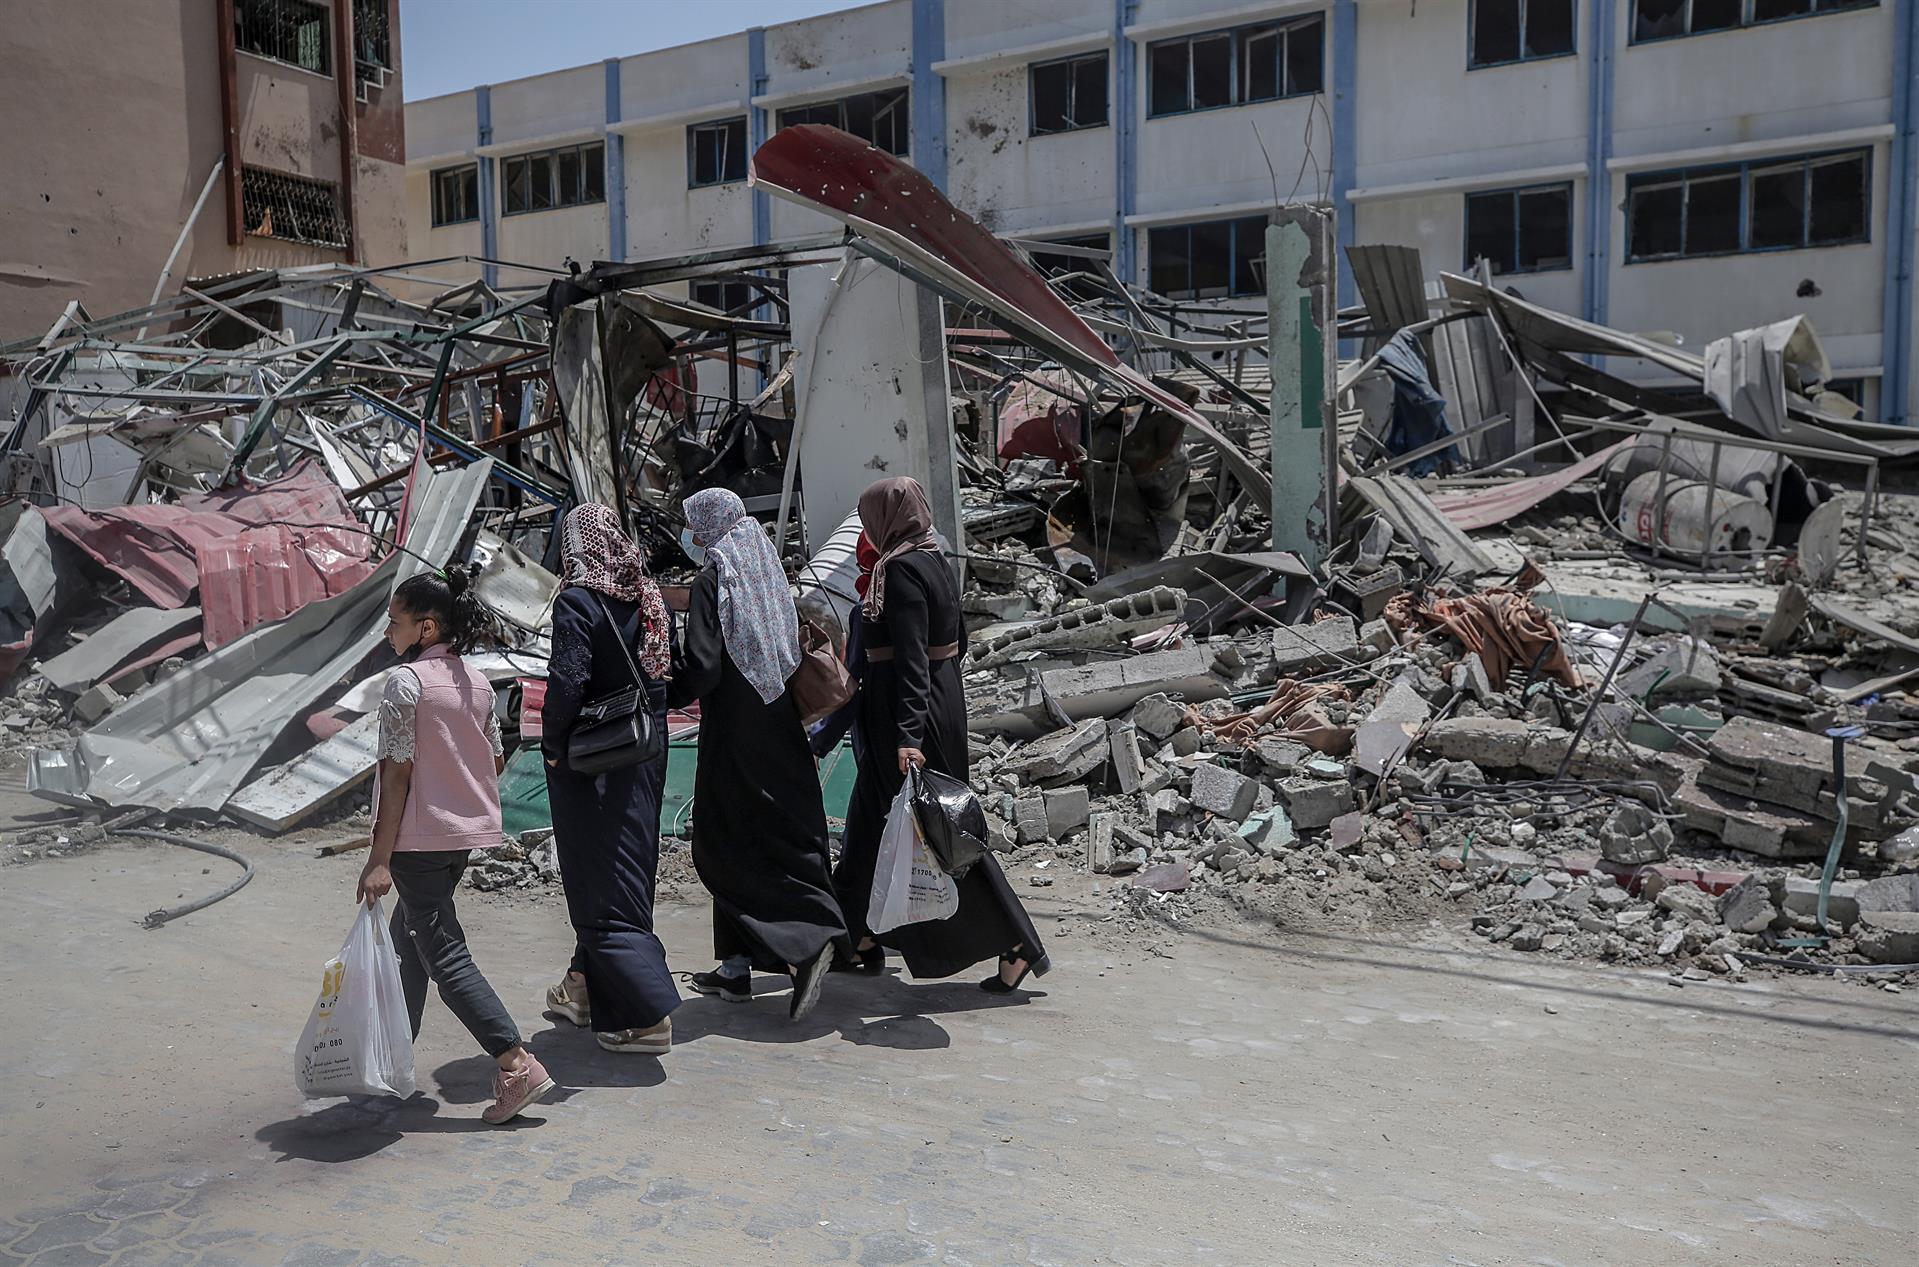 Pessoas passam pelos escombros de um prédio do Ministério do Interior do Hamas após o ataque aéreo de Israel contra a Faixa de Gaza